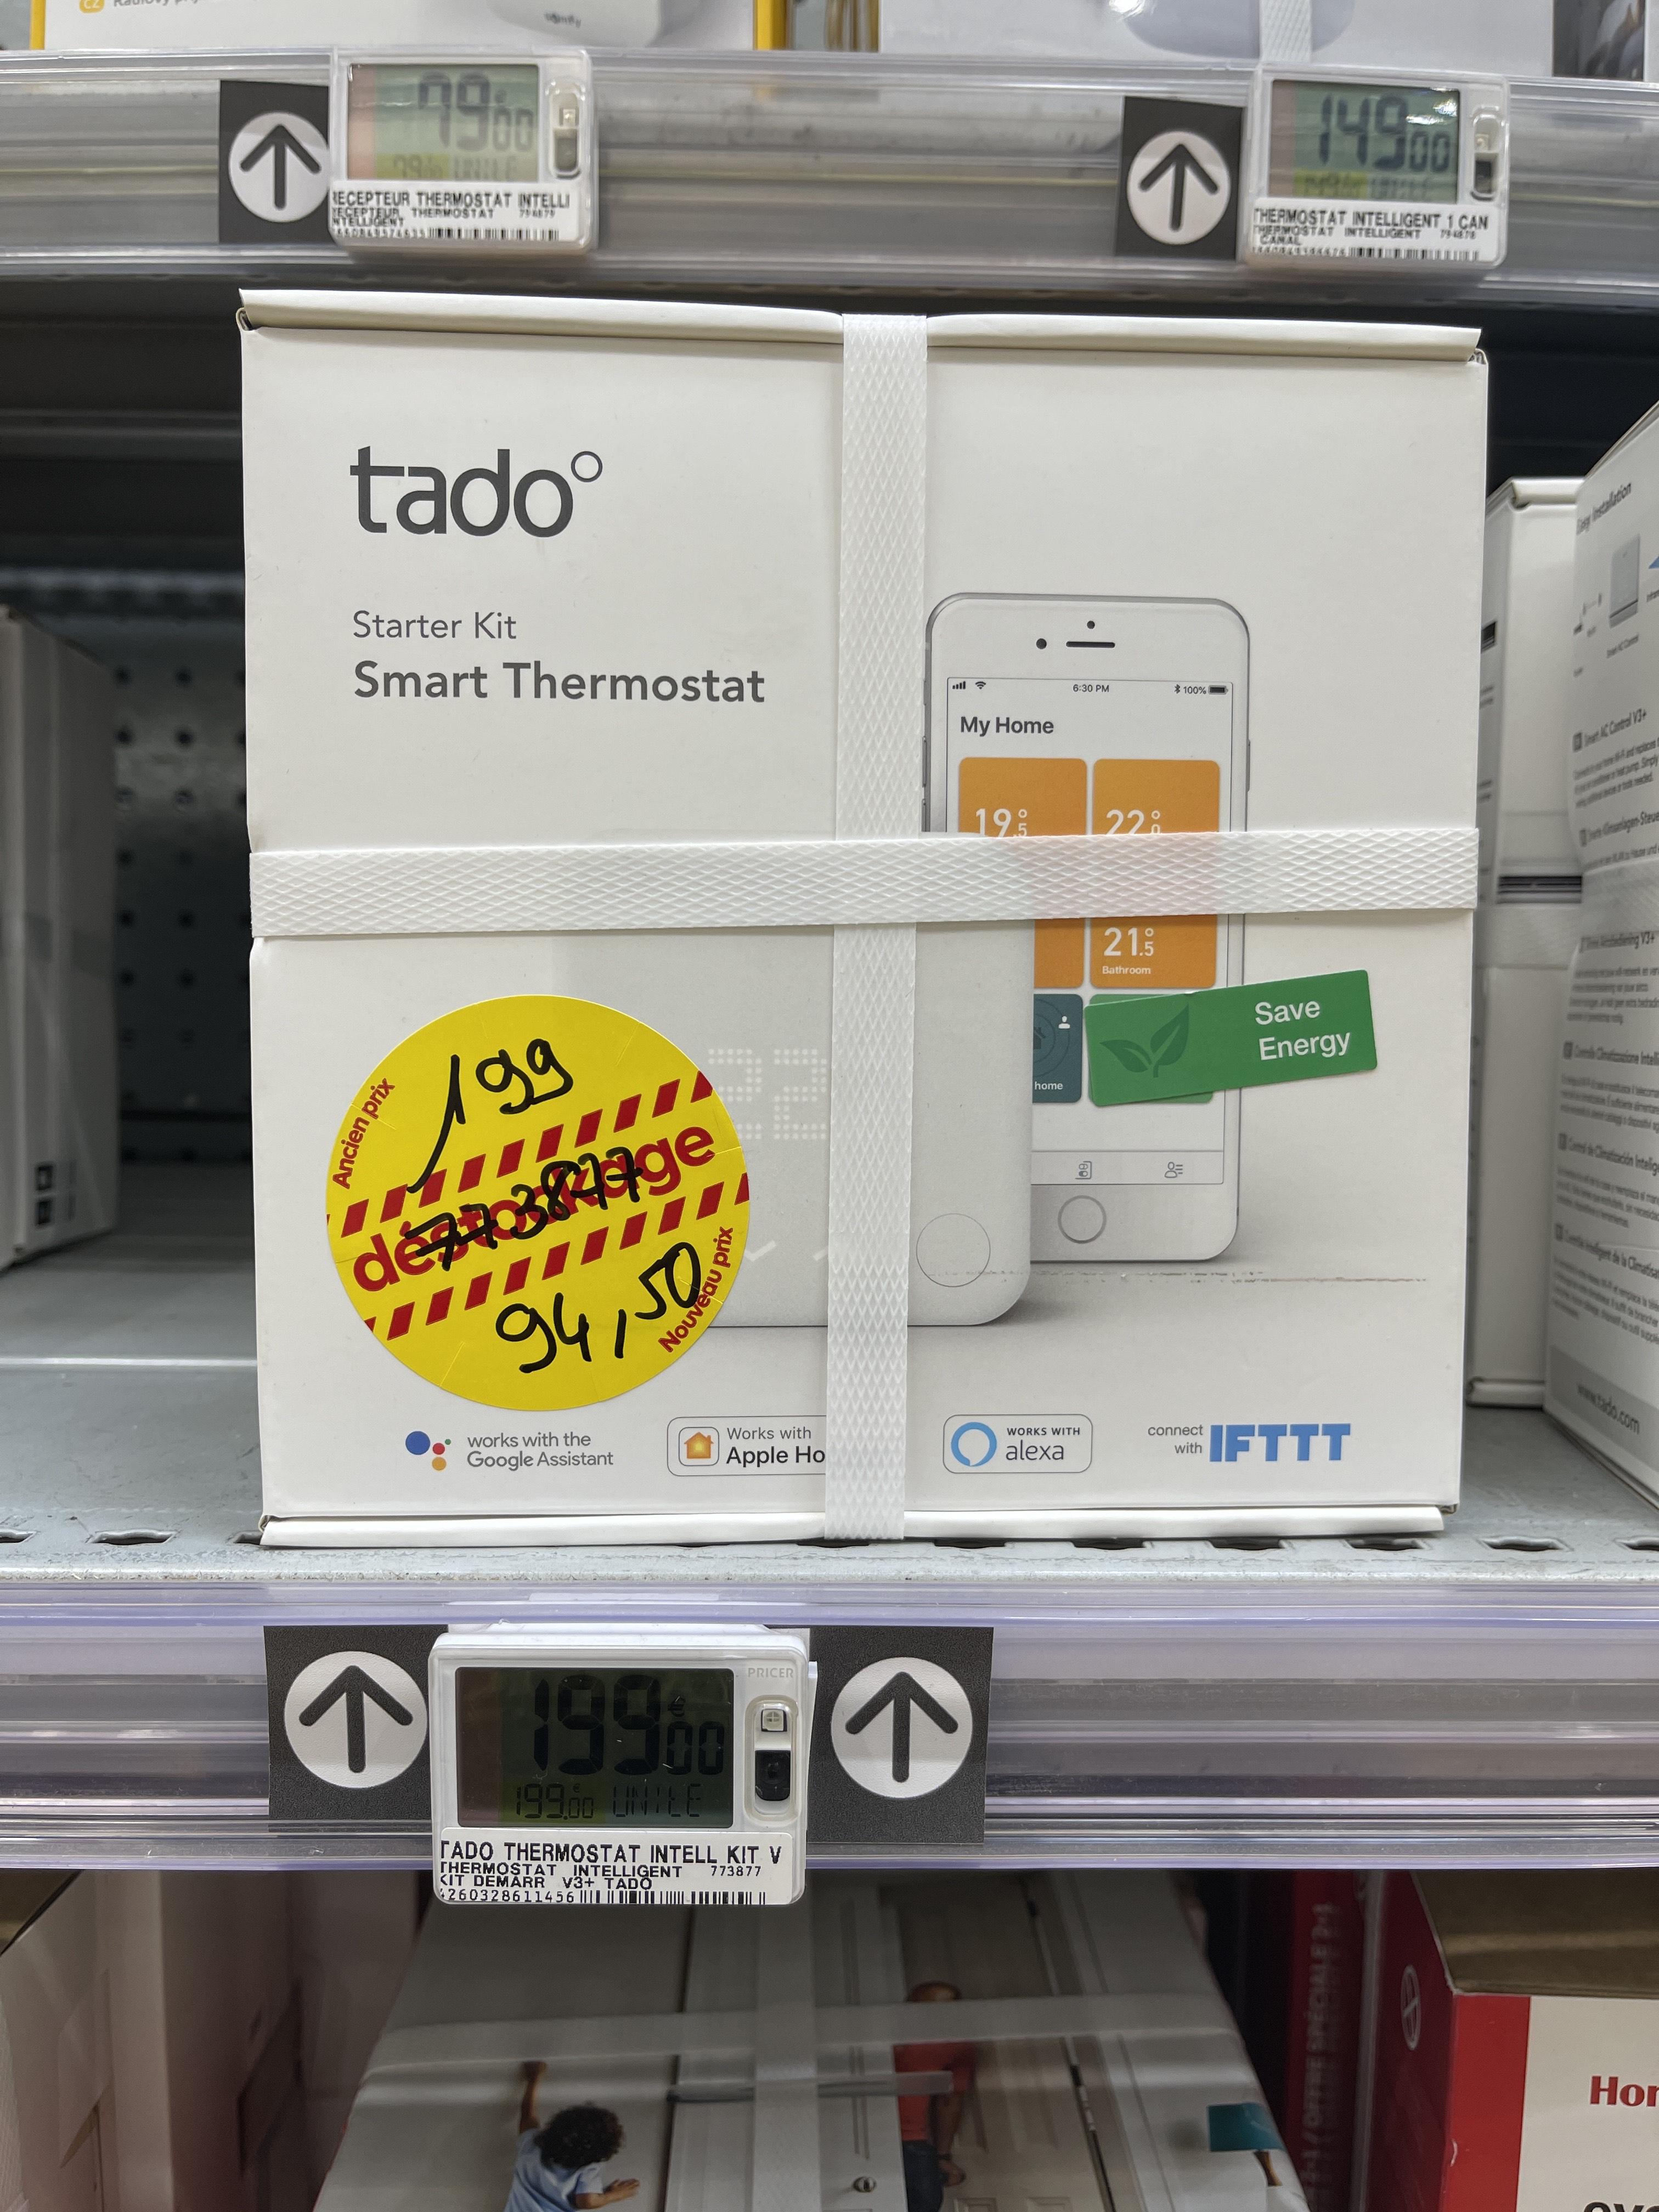 Kit de Démarrage tado° Thermostat Connecté et Intelligent sans fil - Cannet (06)